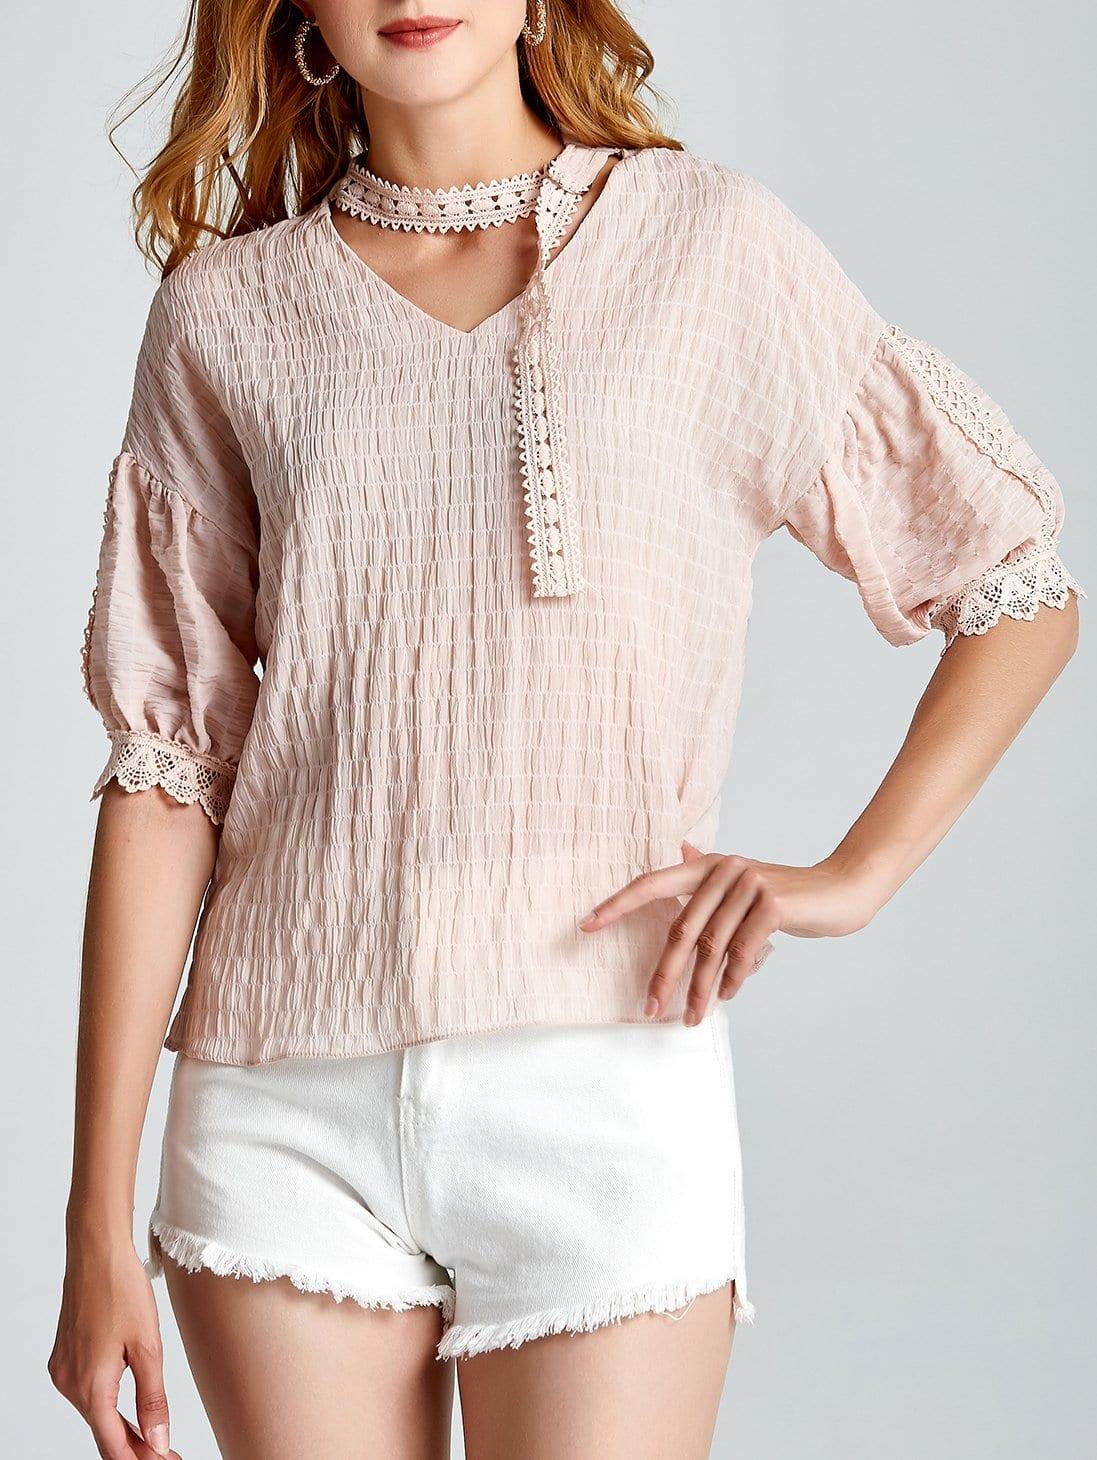 Lace Crochet Contrast Choker Neck Top lace crochet contrast neck blouse